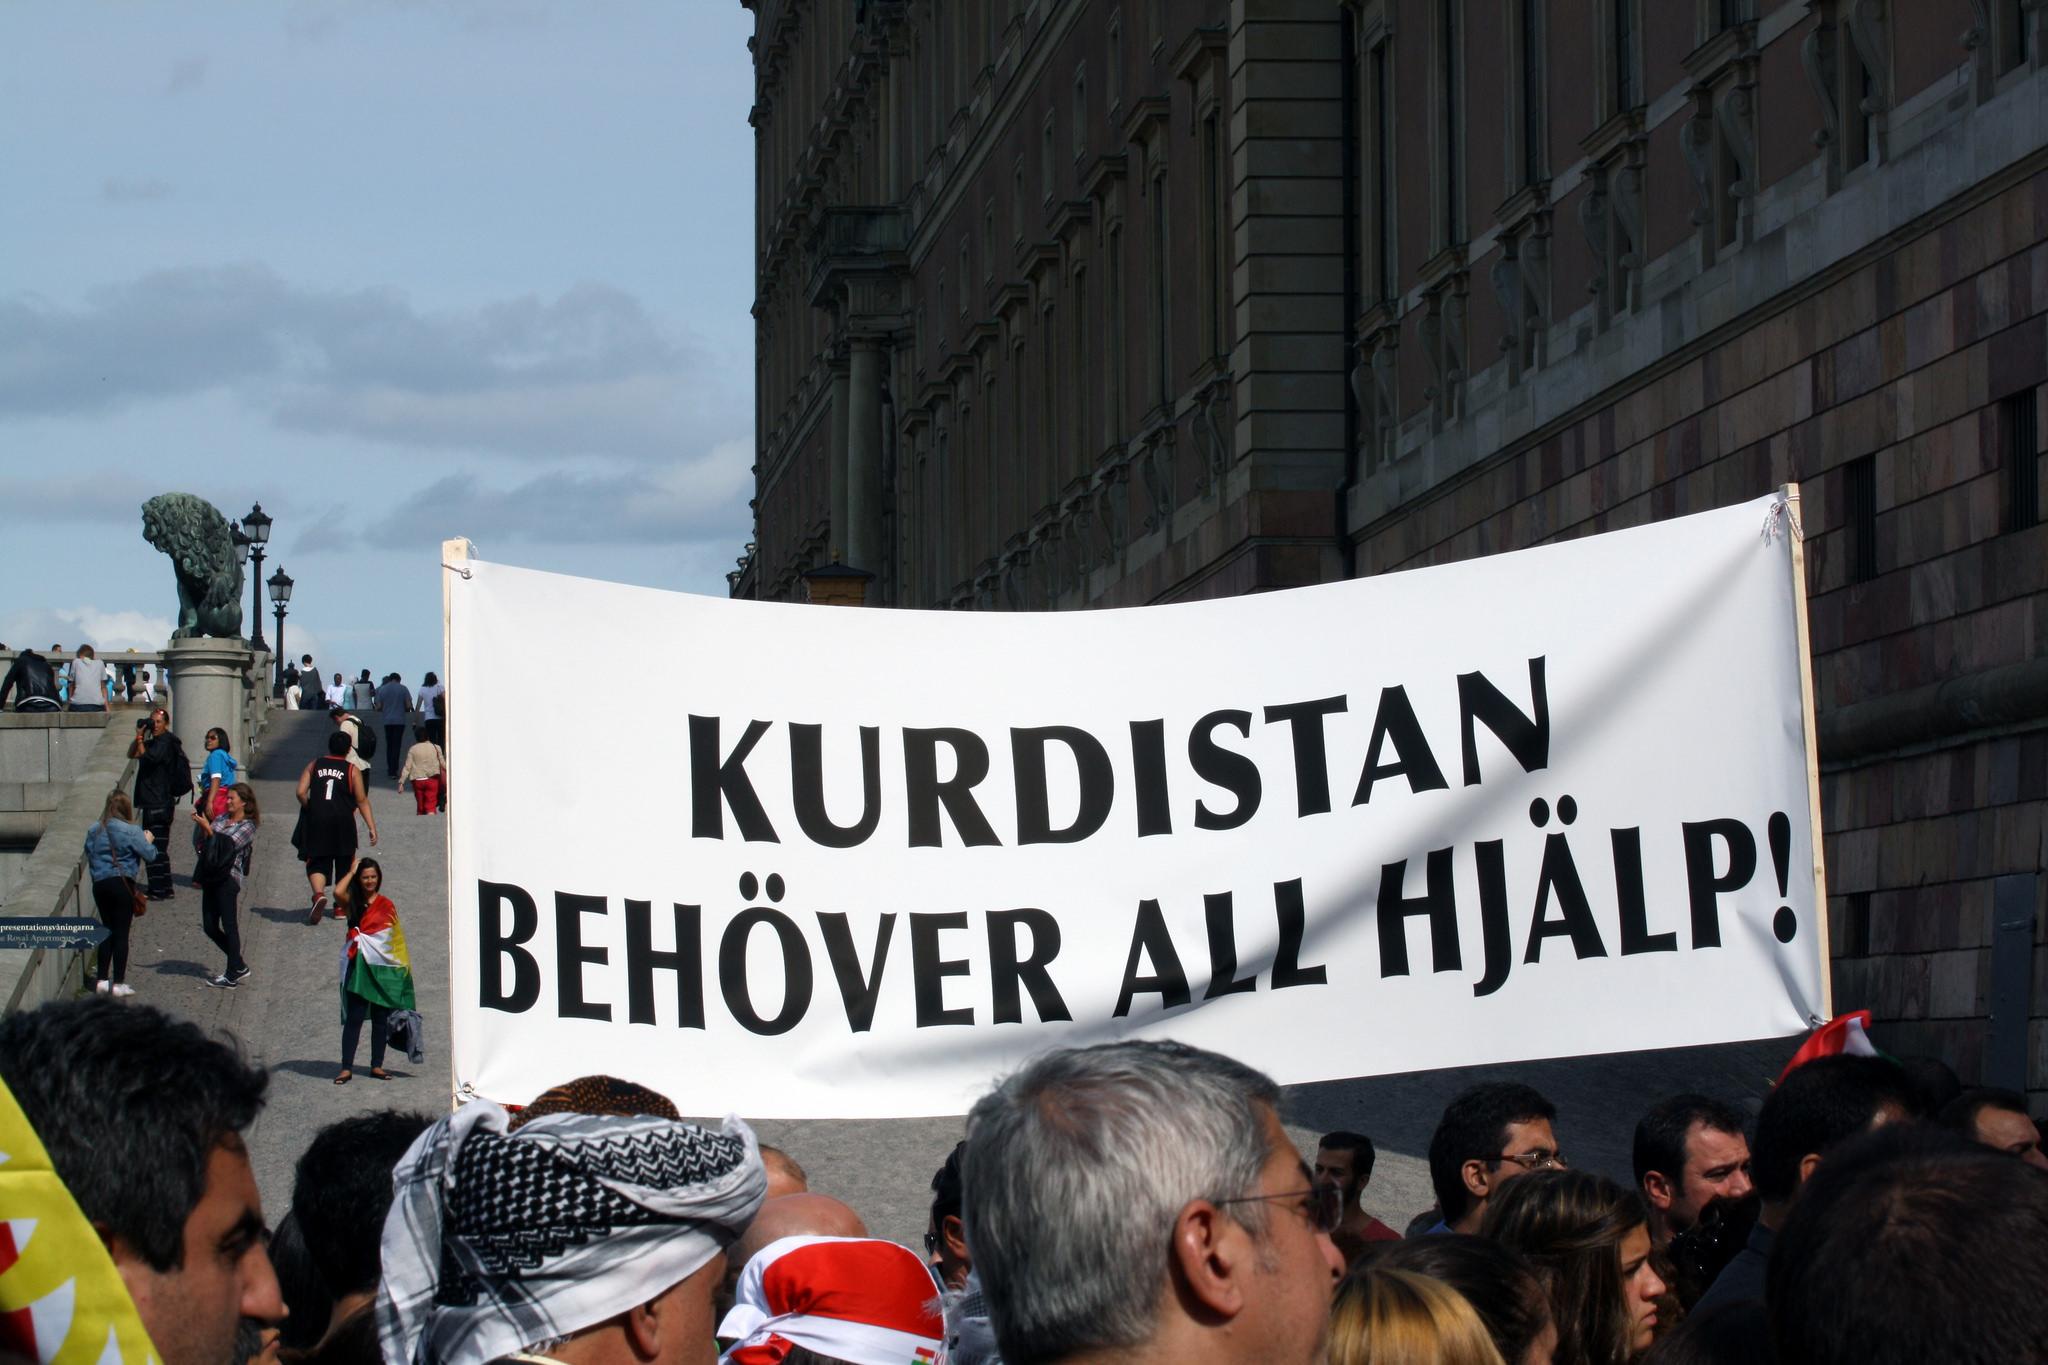 Manifestation à Stockholm (Suède) le 17 août 2014. « Kurdistan besoin d'aide ! ». Crédit Stefan Olsson / Flickr (CC BY 2.0)